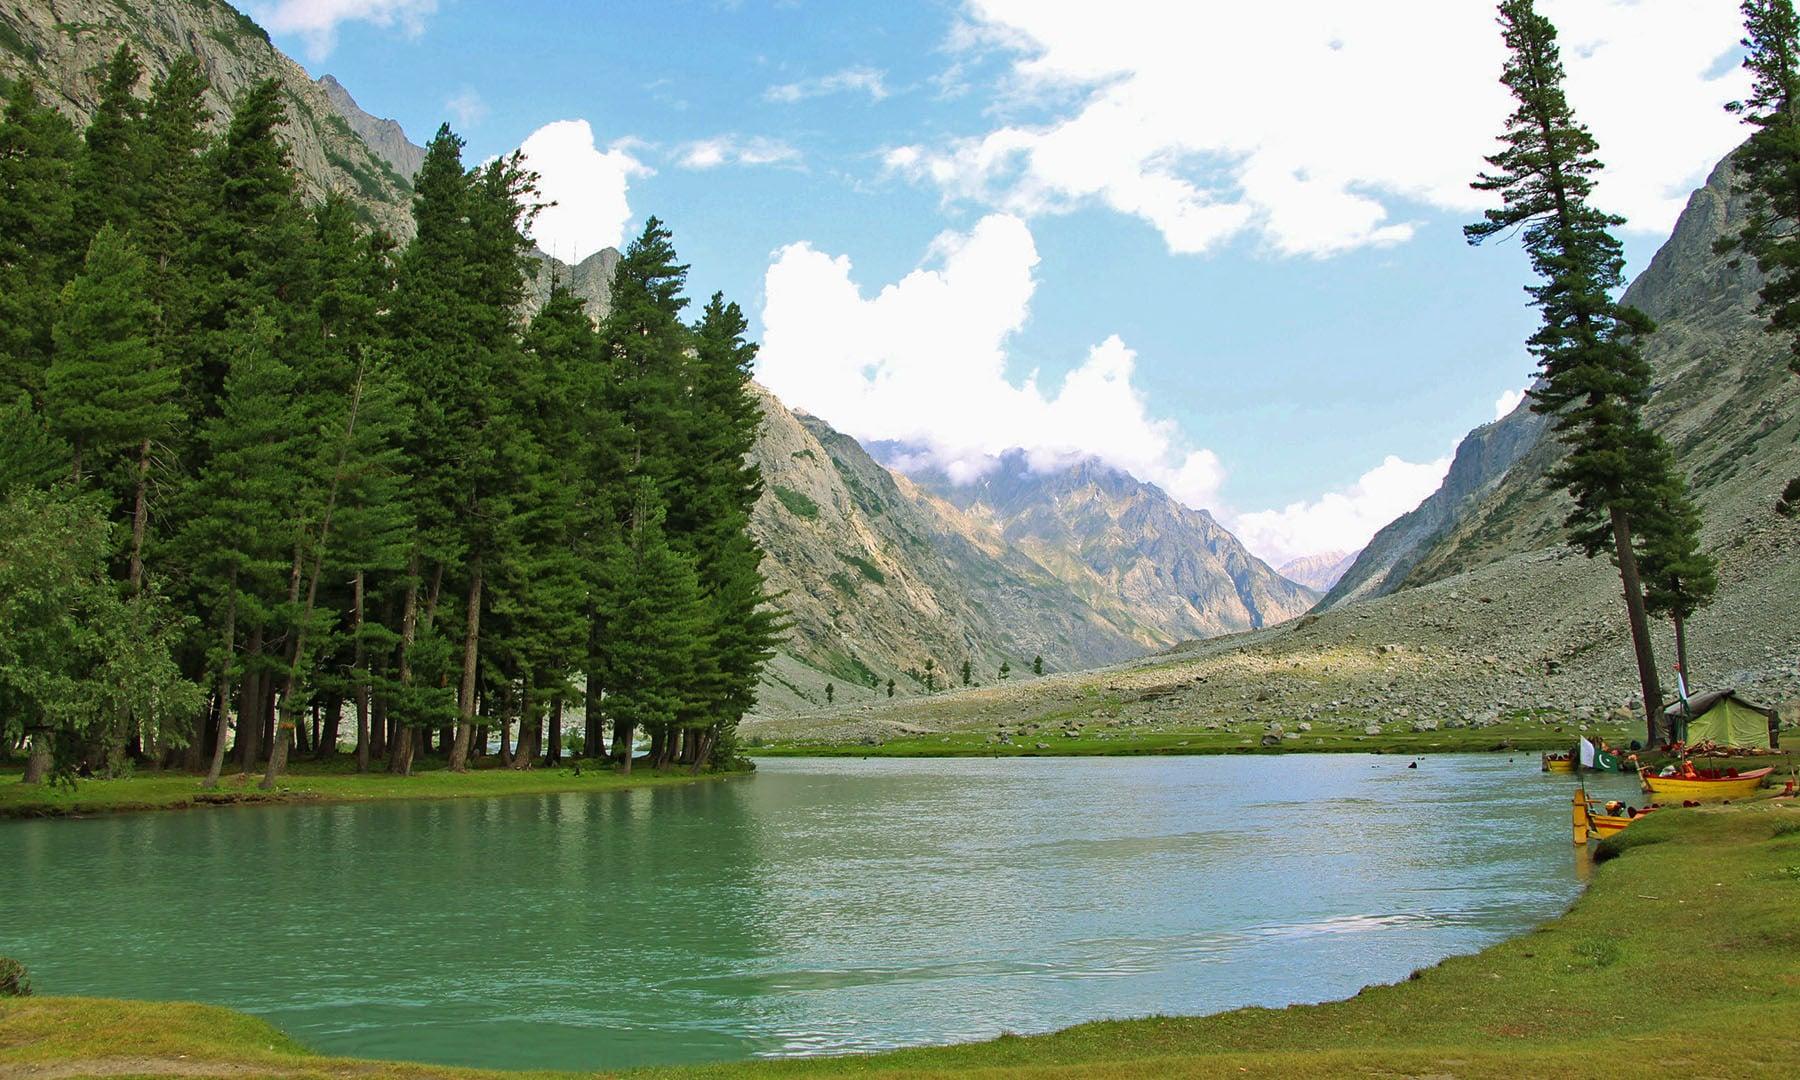 جھیل سیف اللہ کا ایک منظر— تصویر امجد علی سحاب